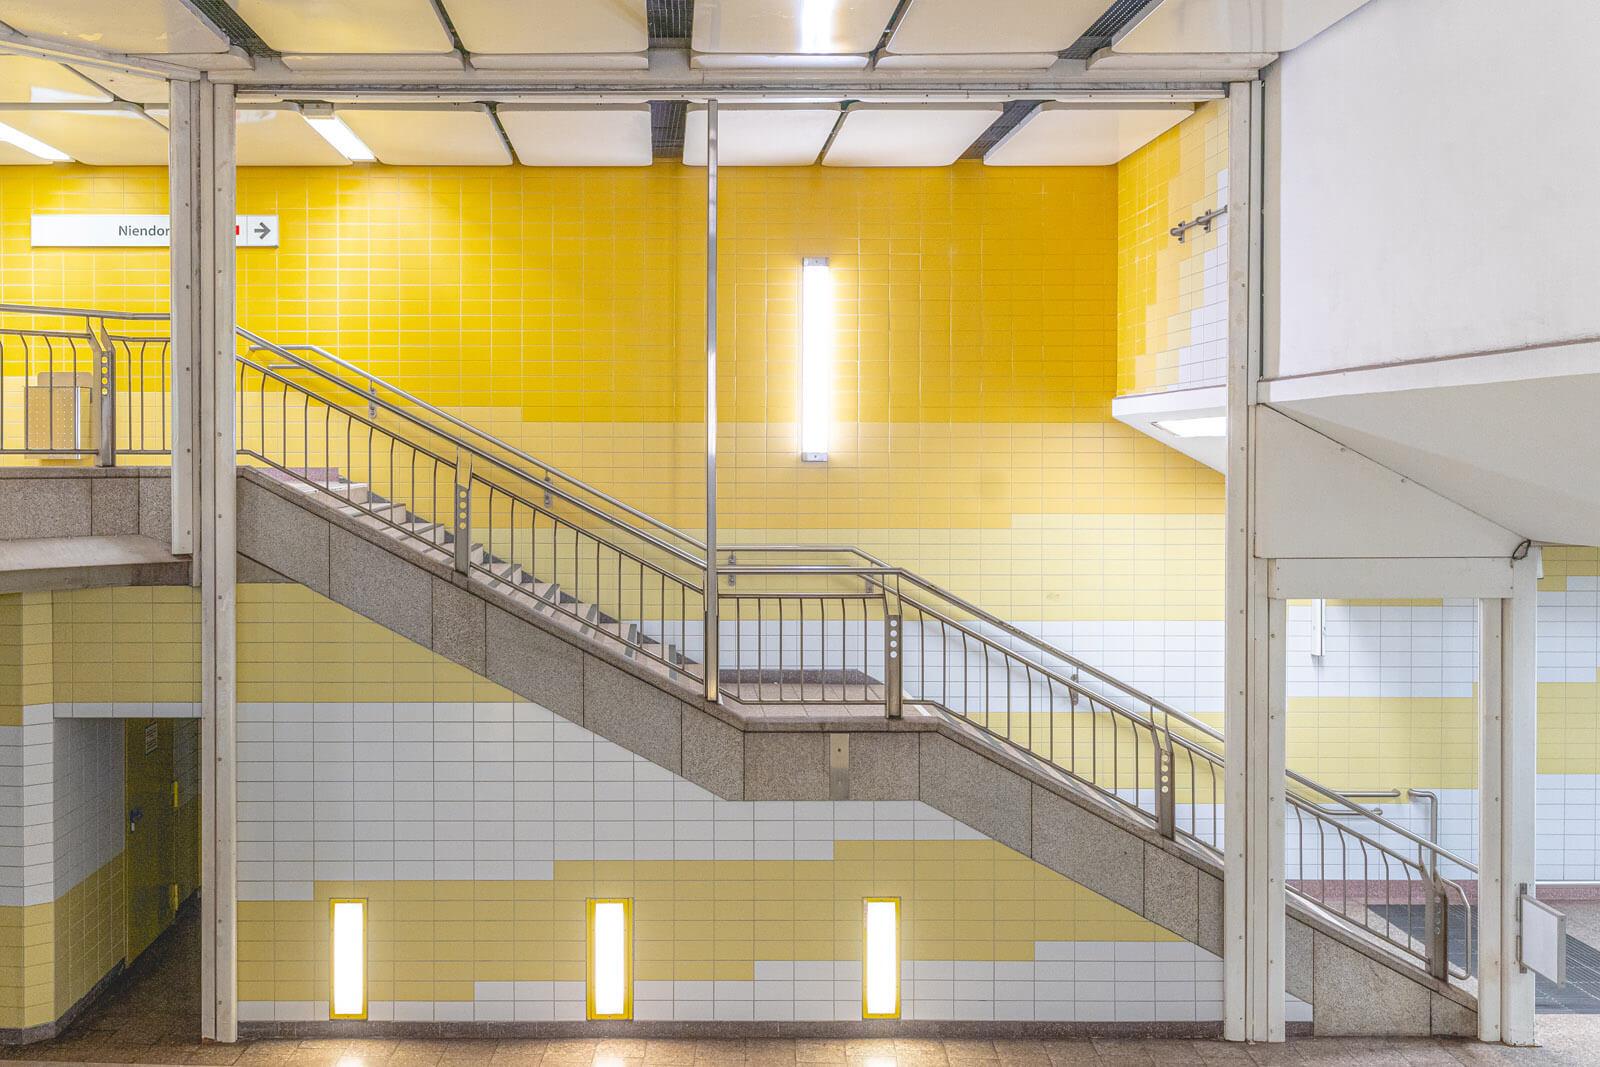 U Bahn - symmetrie fotografieren